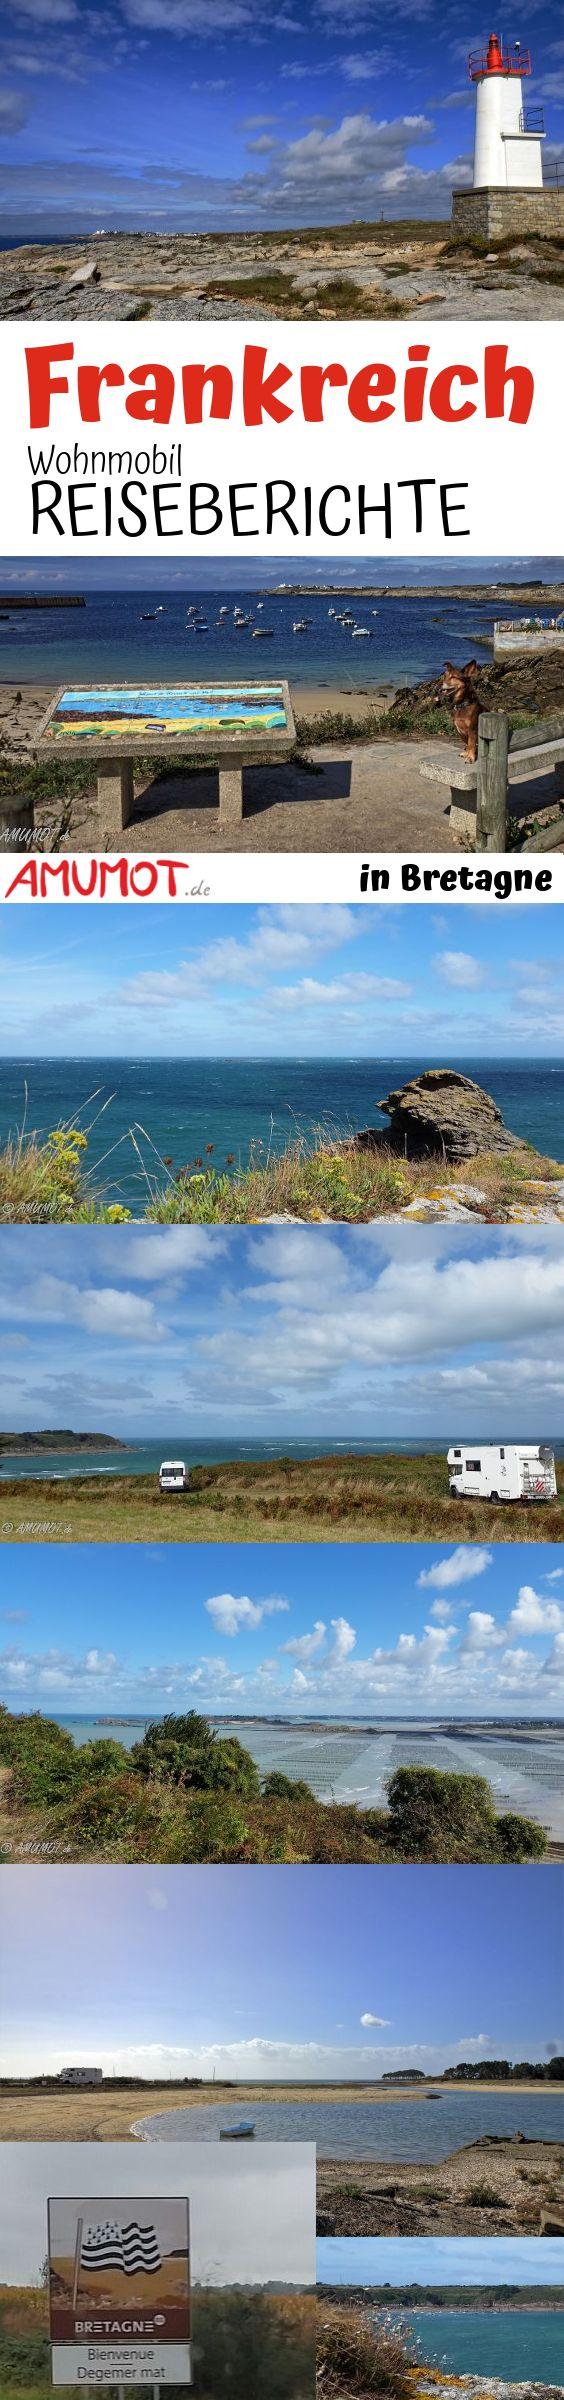 Mit dem Wohnmobil nach Frankreich - Bretagne! Dieser Bretagne Reisebericht beginnt am Mont Saint Michel und führt entlang der Küste zu verschiedenen sehenswerten Orten.